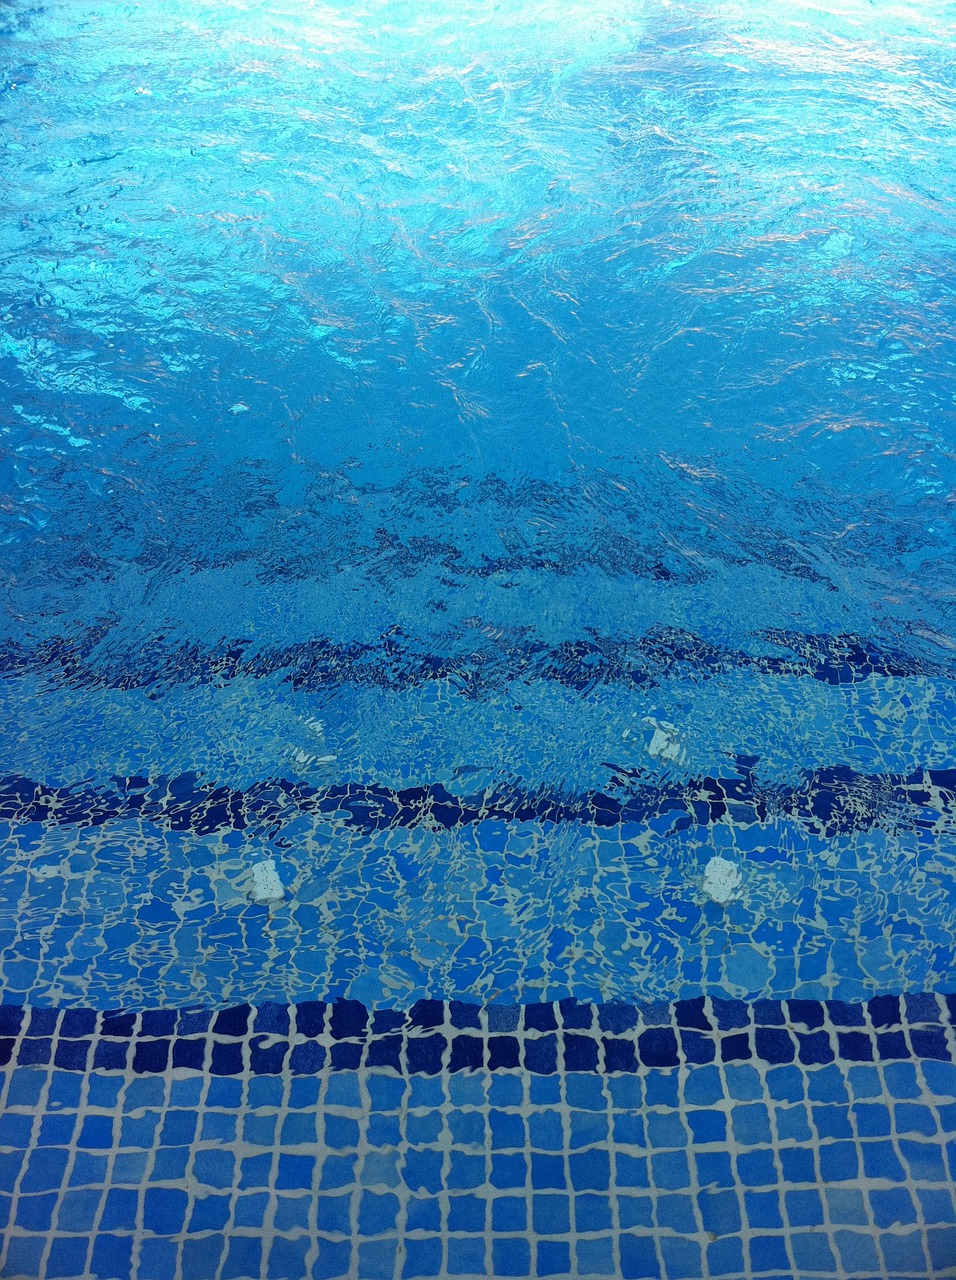 Картинка на дне бассейнов